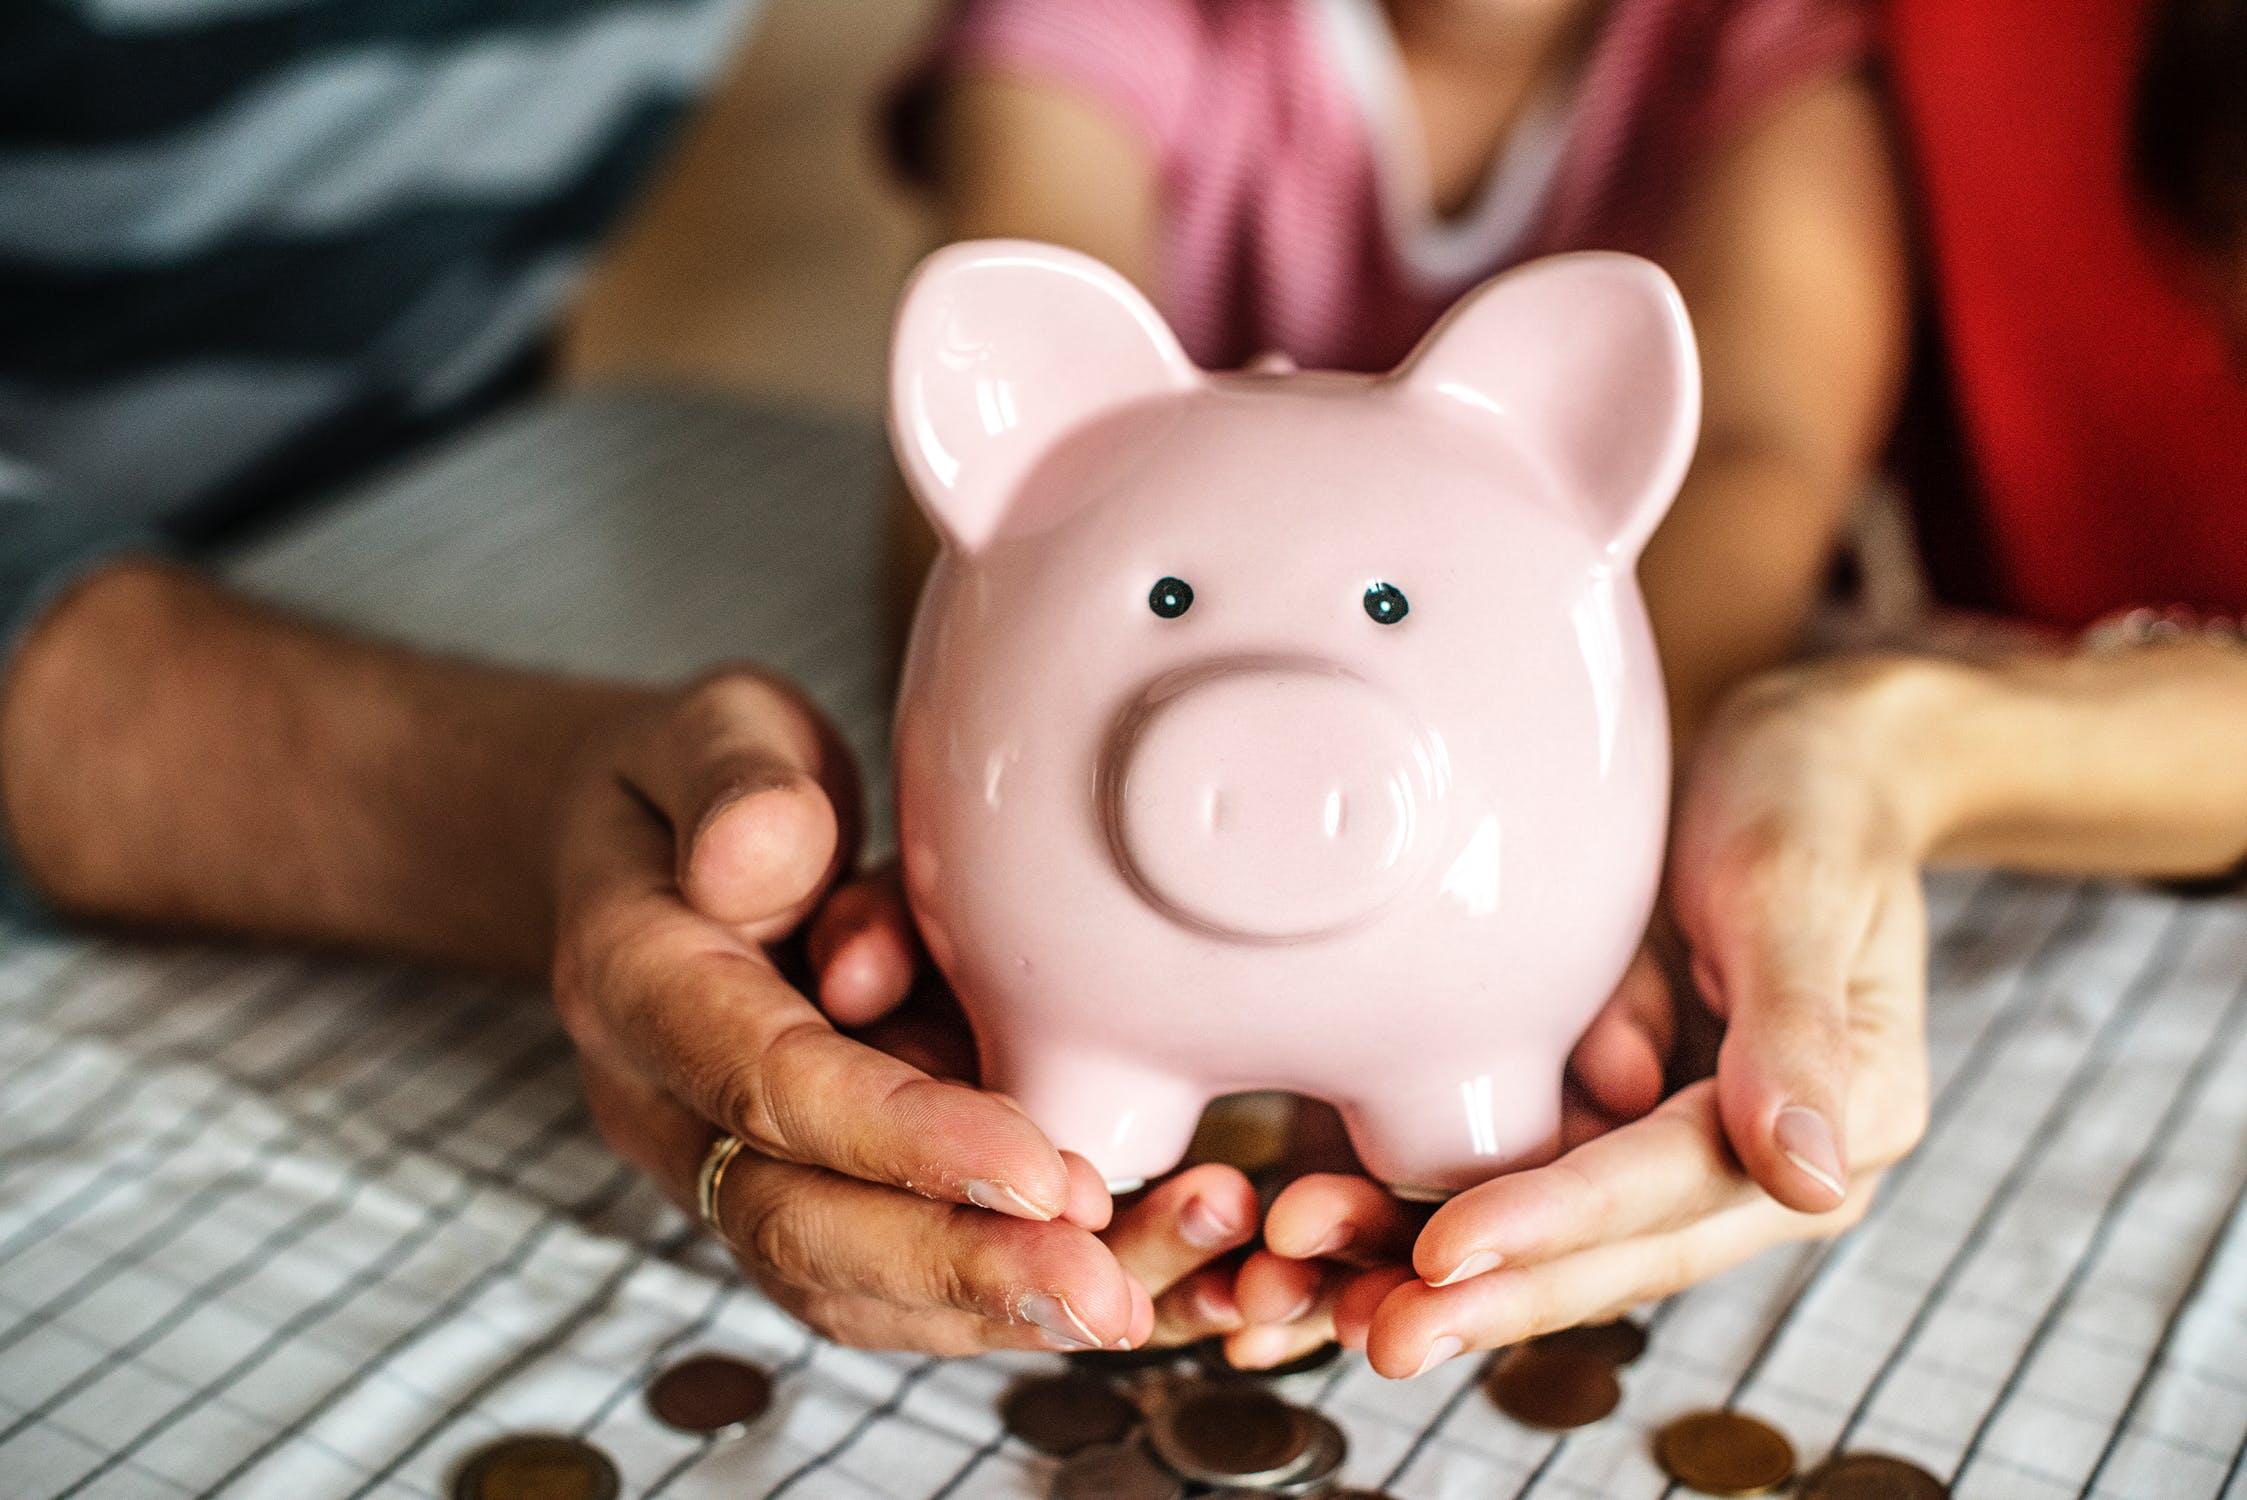 Pelnīt naudu ar savu datoru mājās. Dažādi veidi kā nopelnīt naudu sēžot mājās - draughts.lv